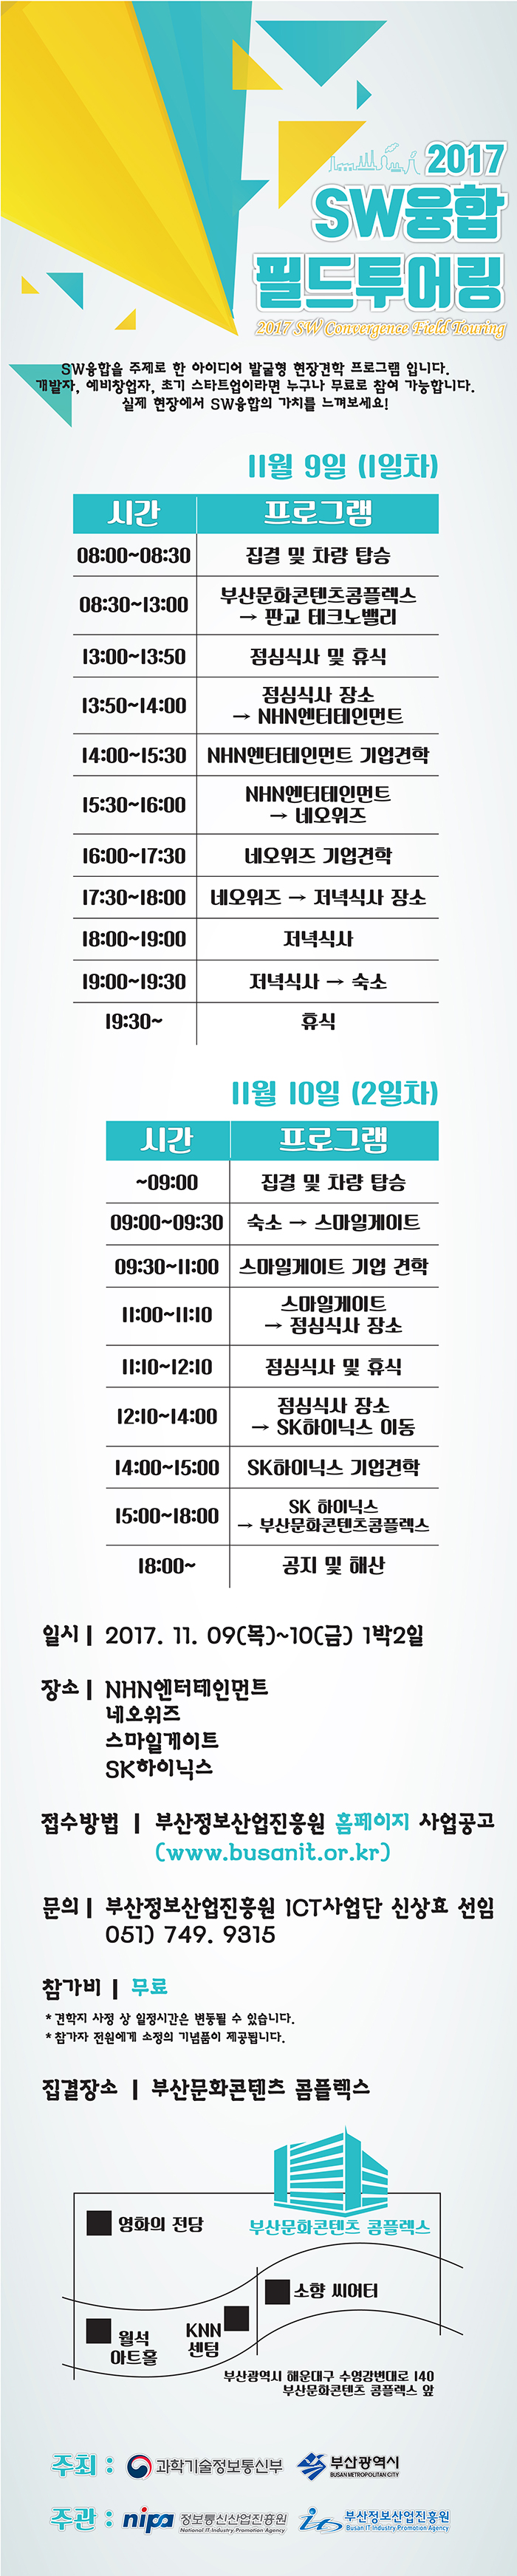 제10회 SW융합 필드투어링 참가자 모집